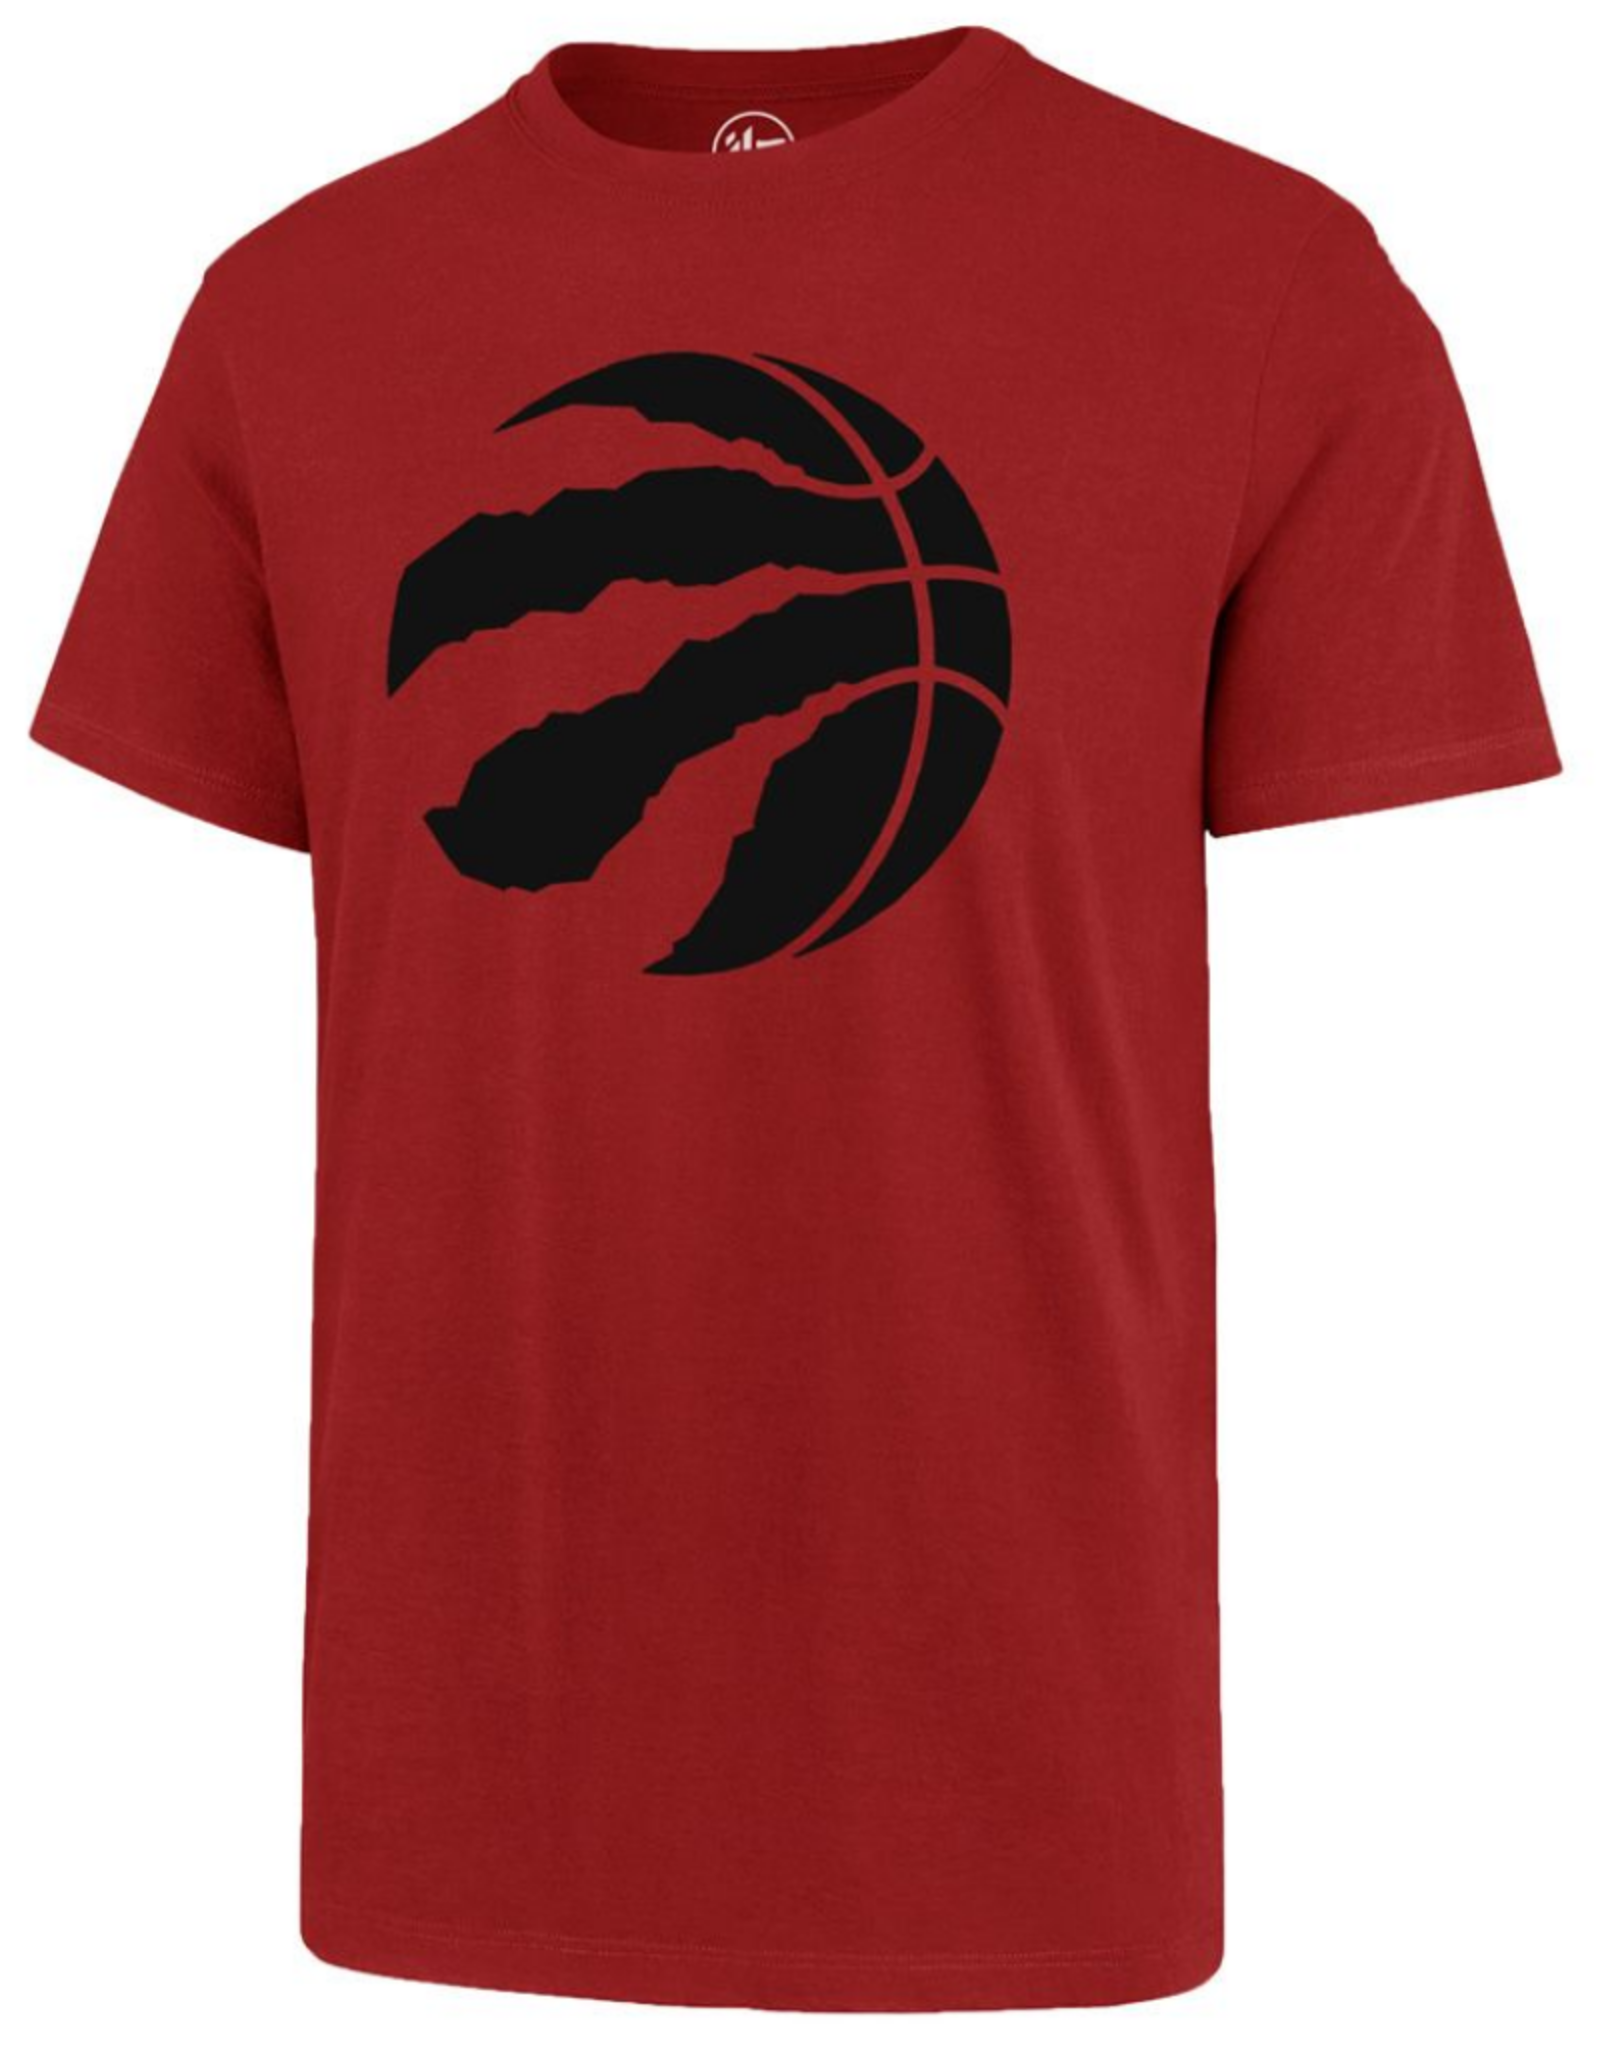 '47 Men's Hooper Siakam T-Shirt Toronto Raptors Red